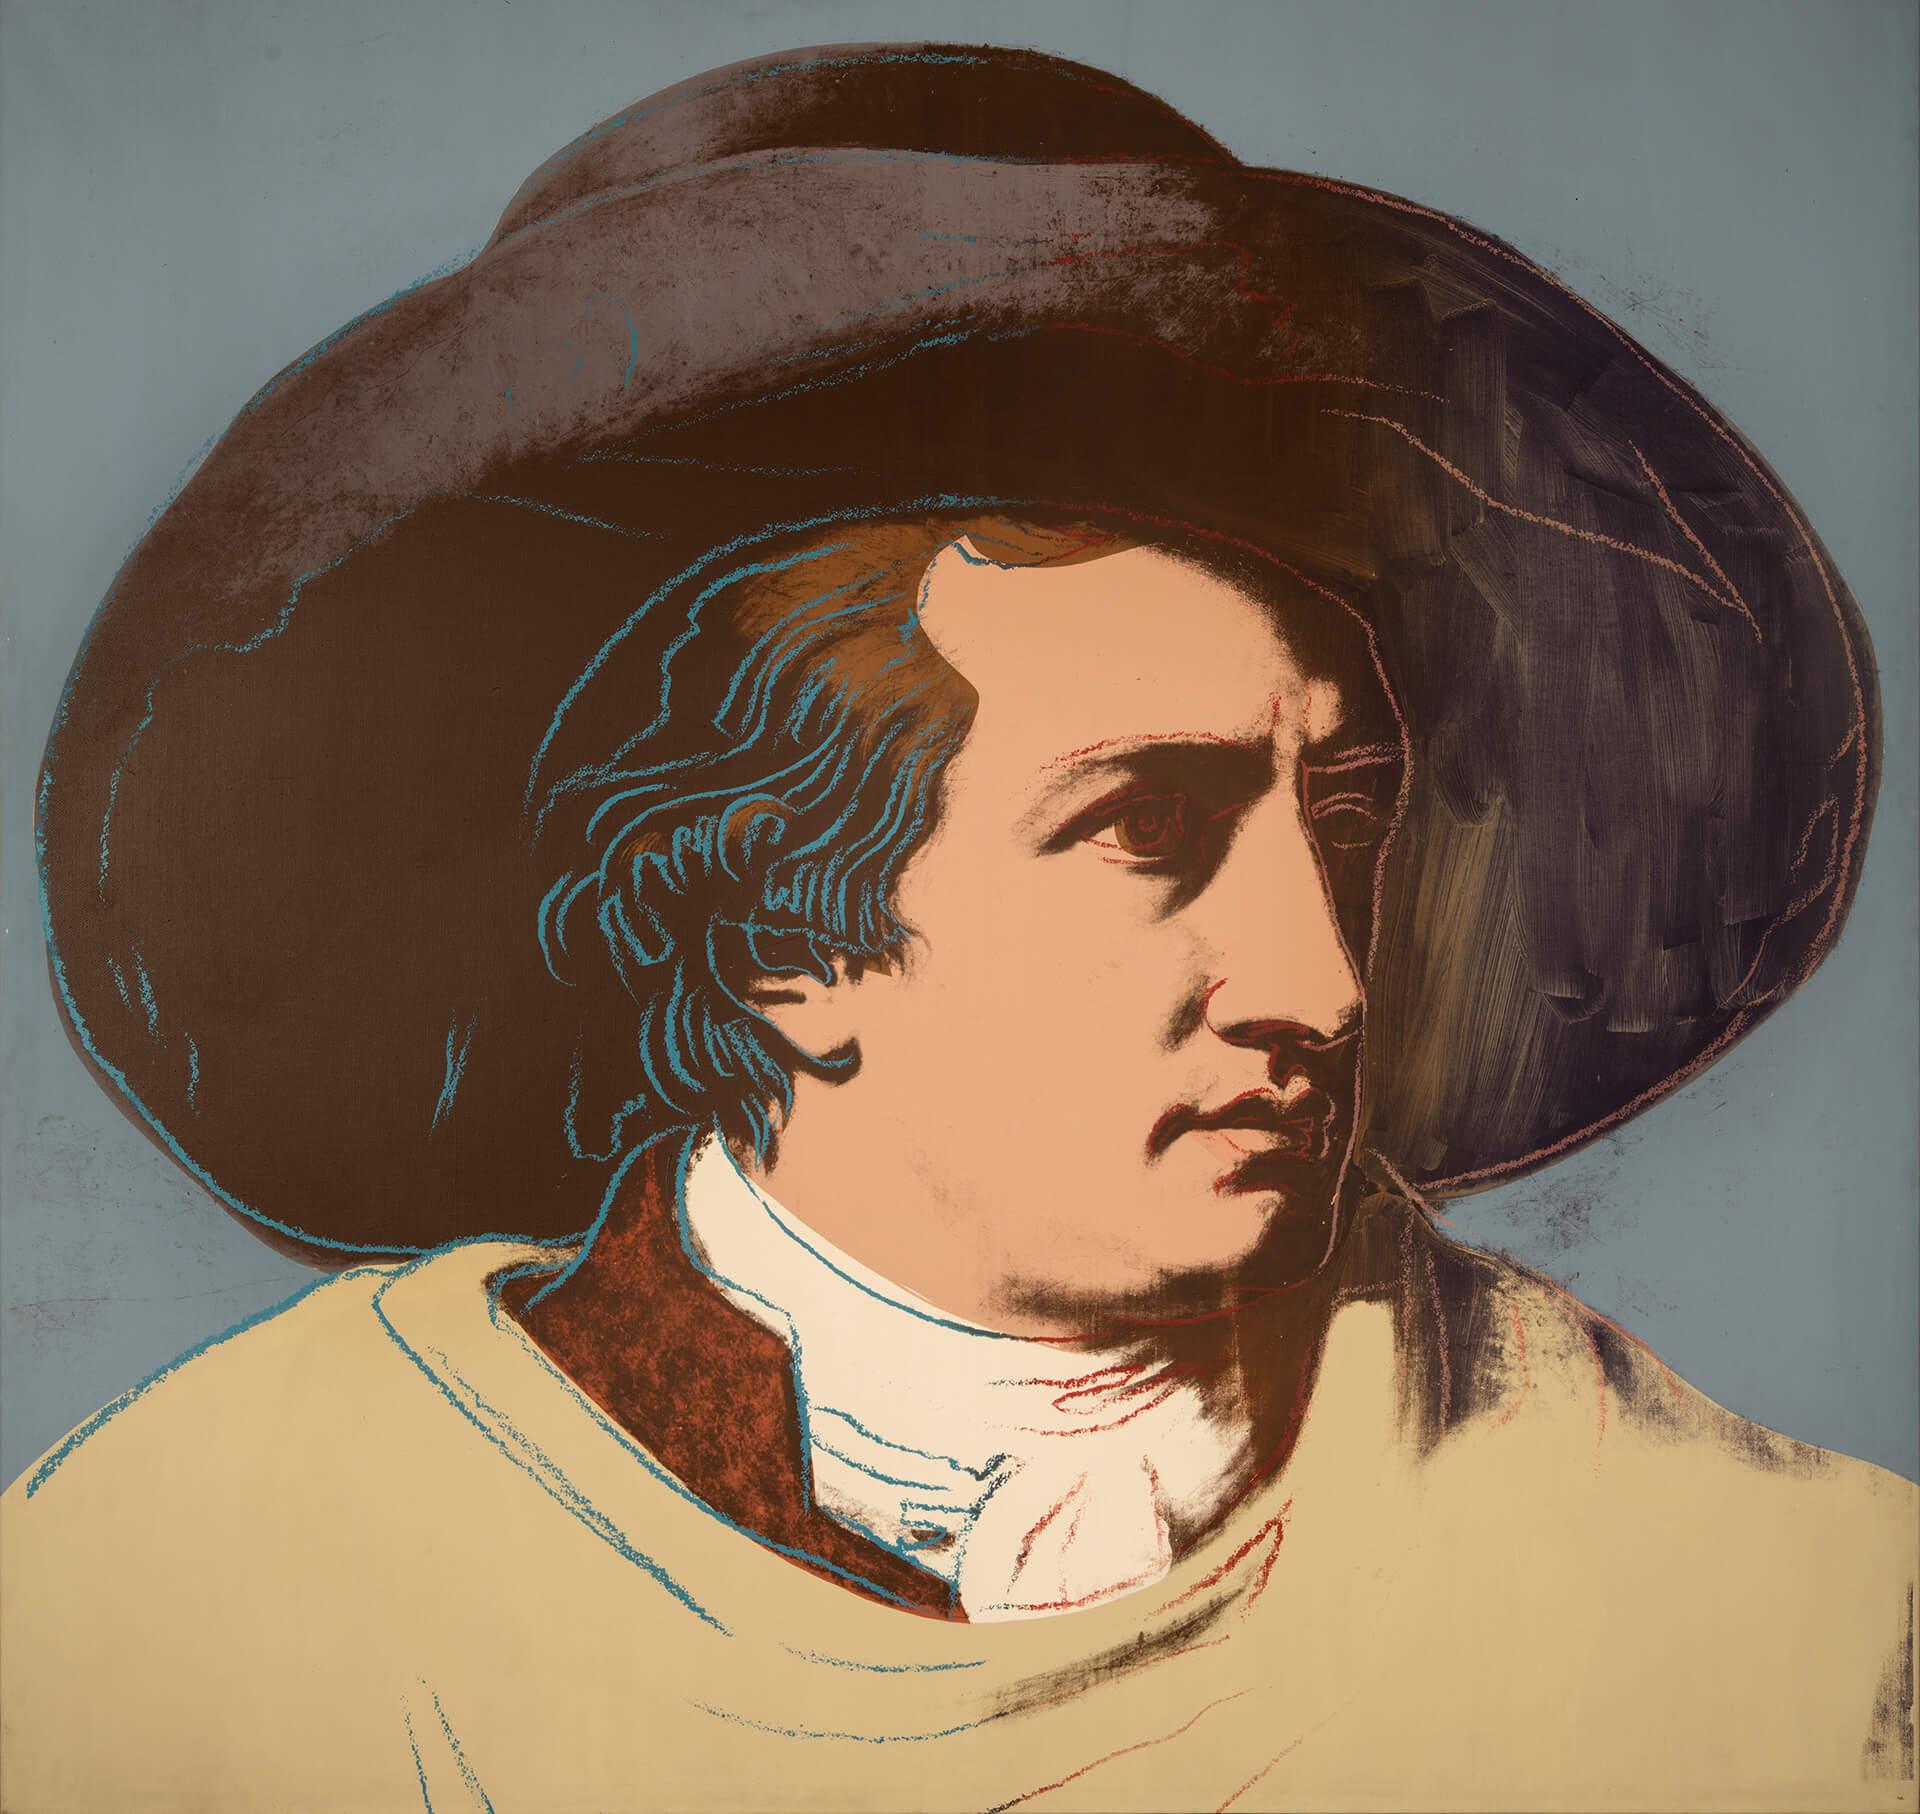 A. Warhol, Goethe. 1982